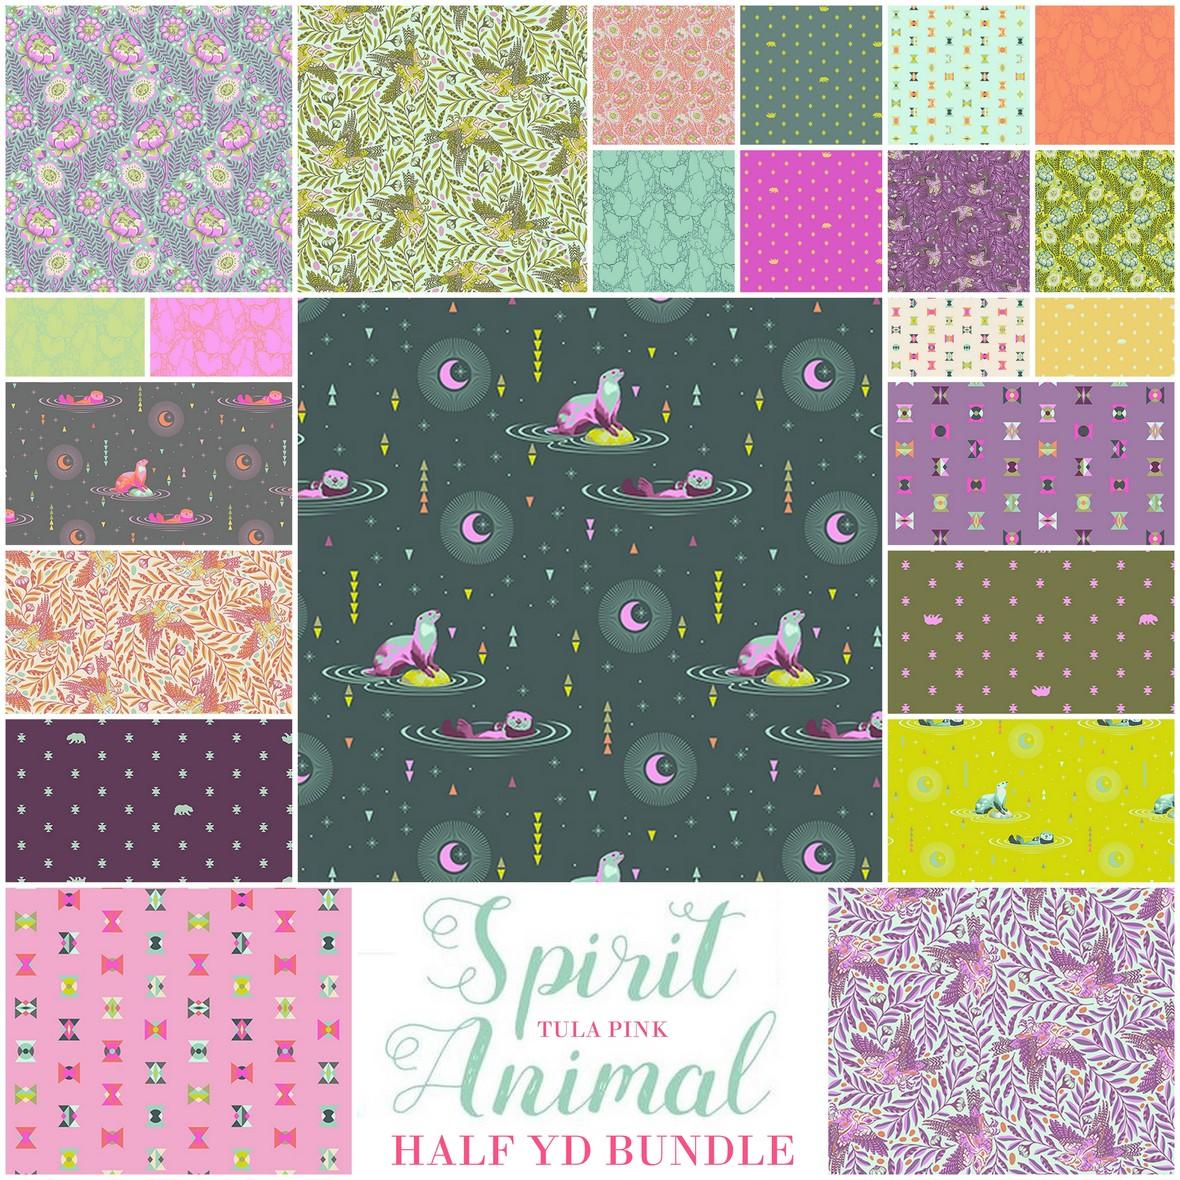 Tula Pink Spirit Animal - Copy  2